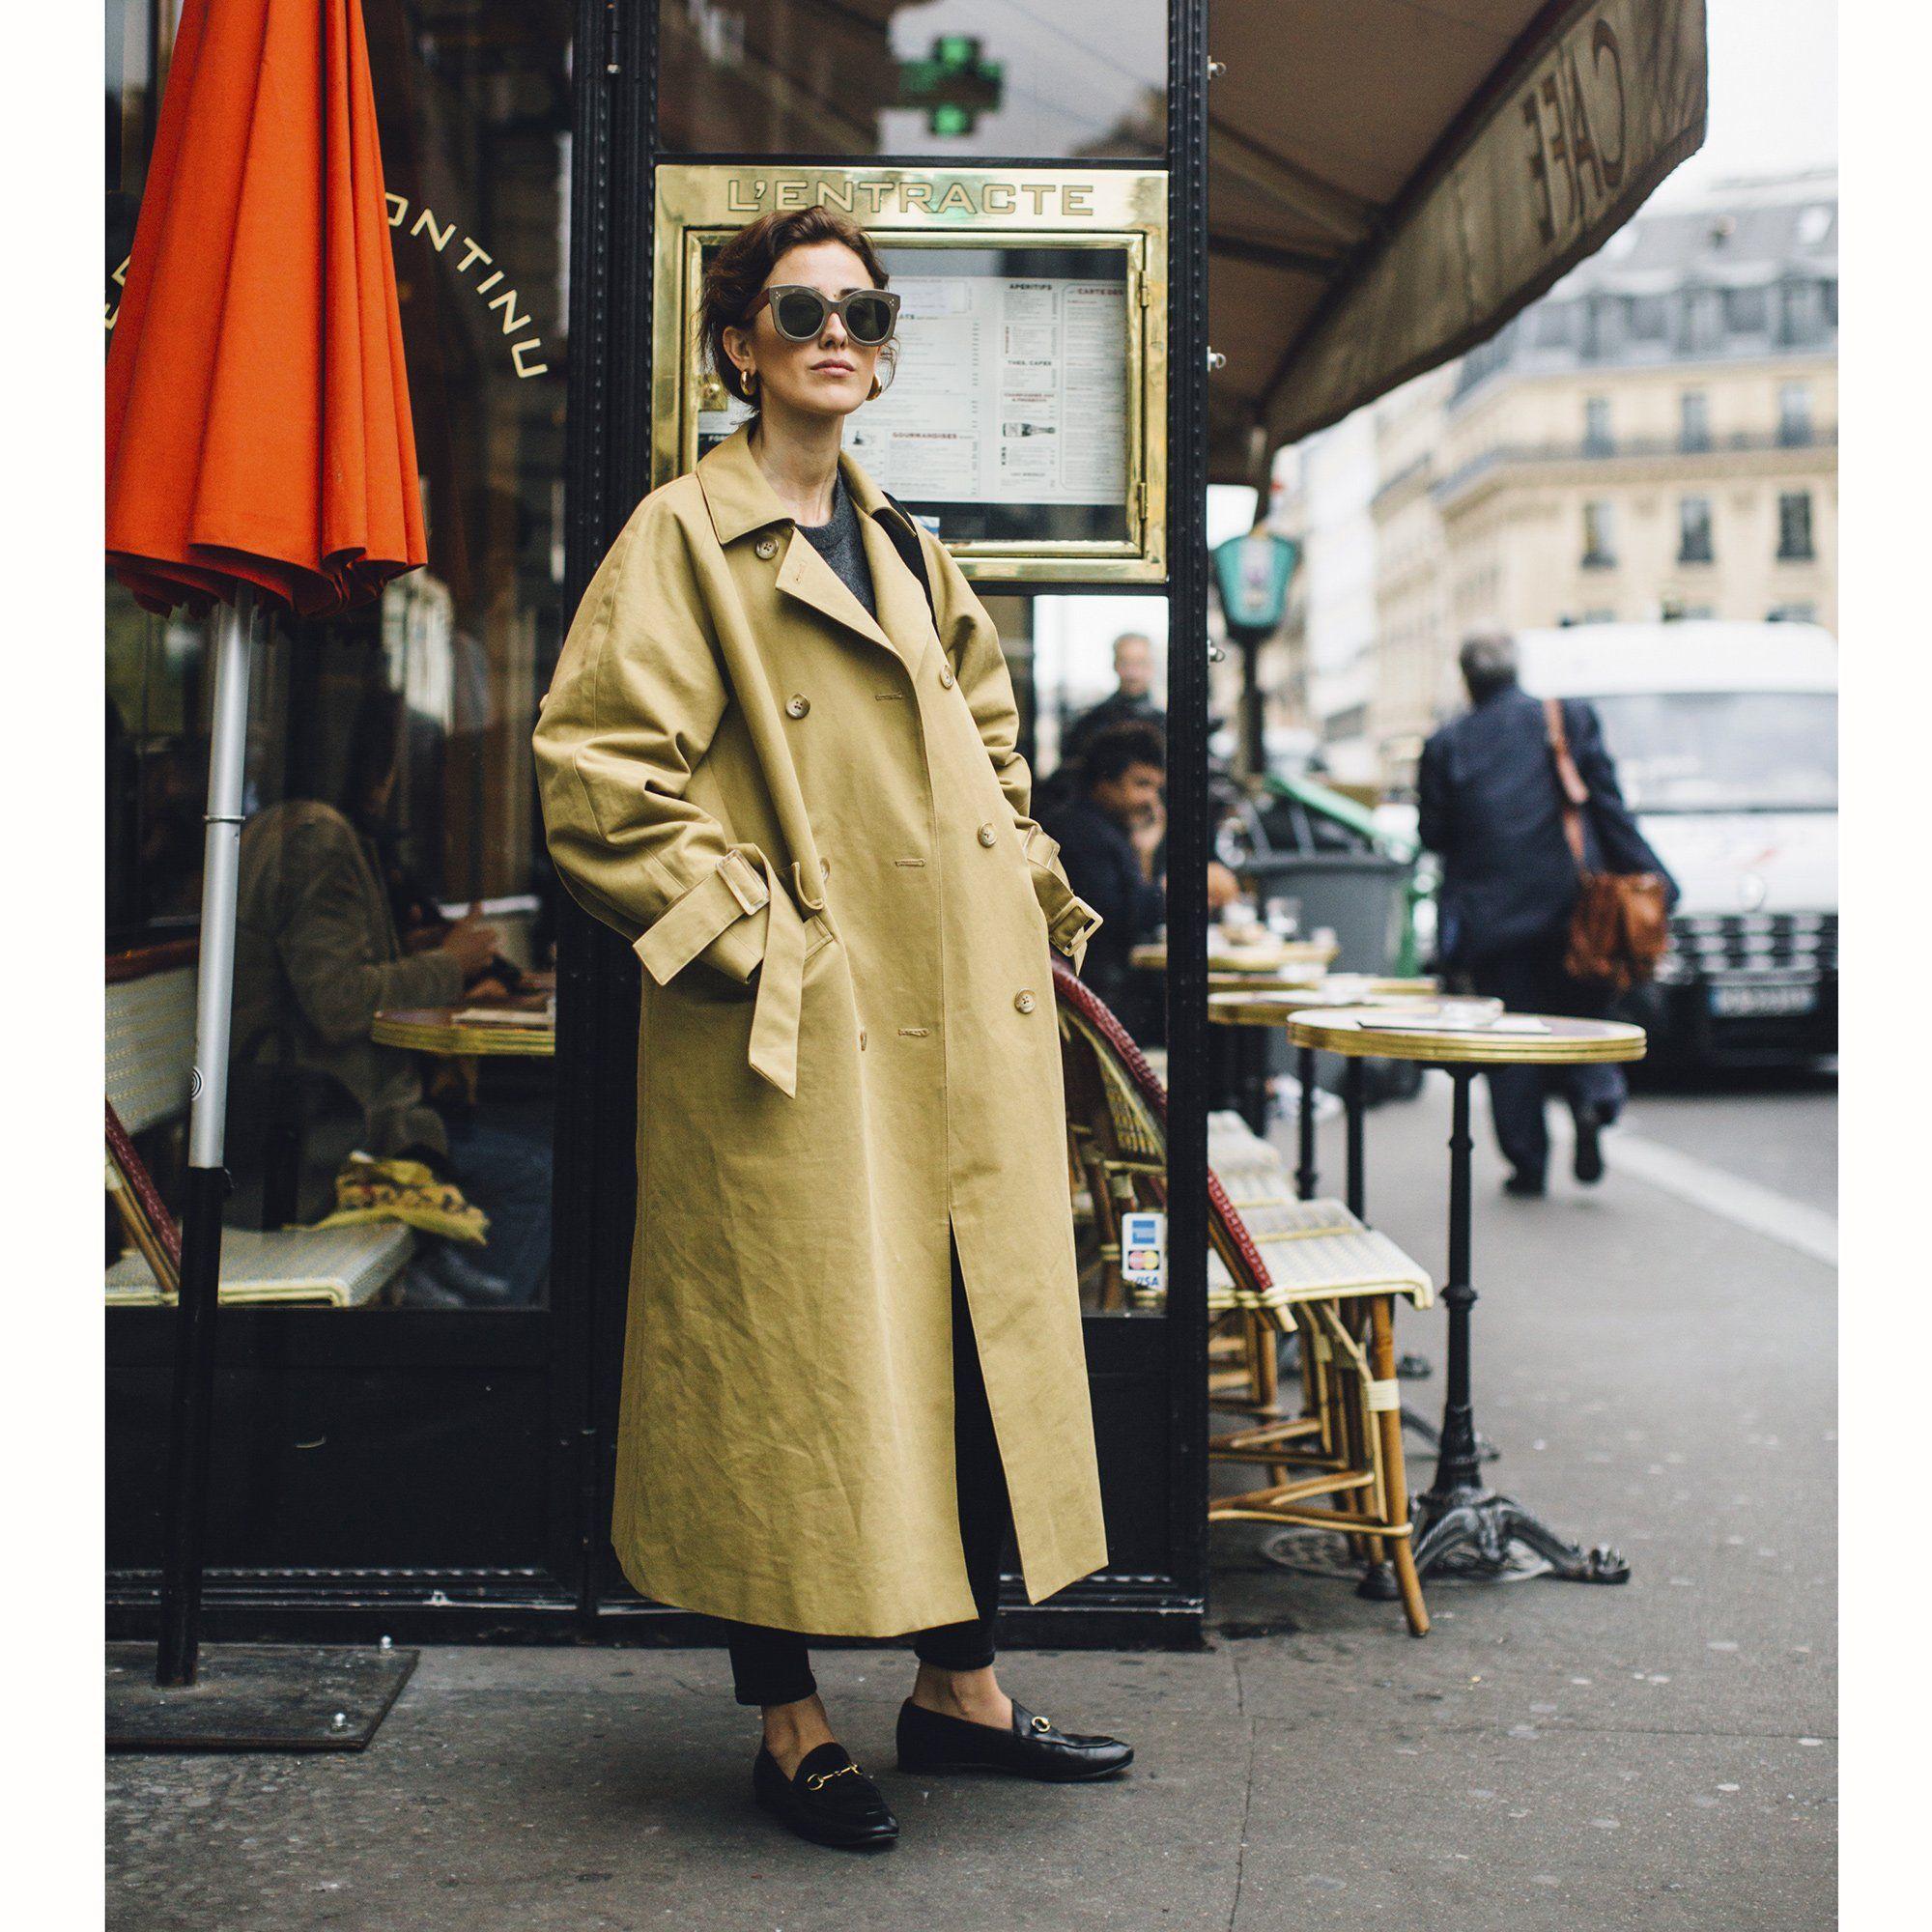 Comment porter la veste oversize ?